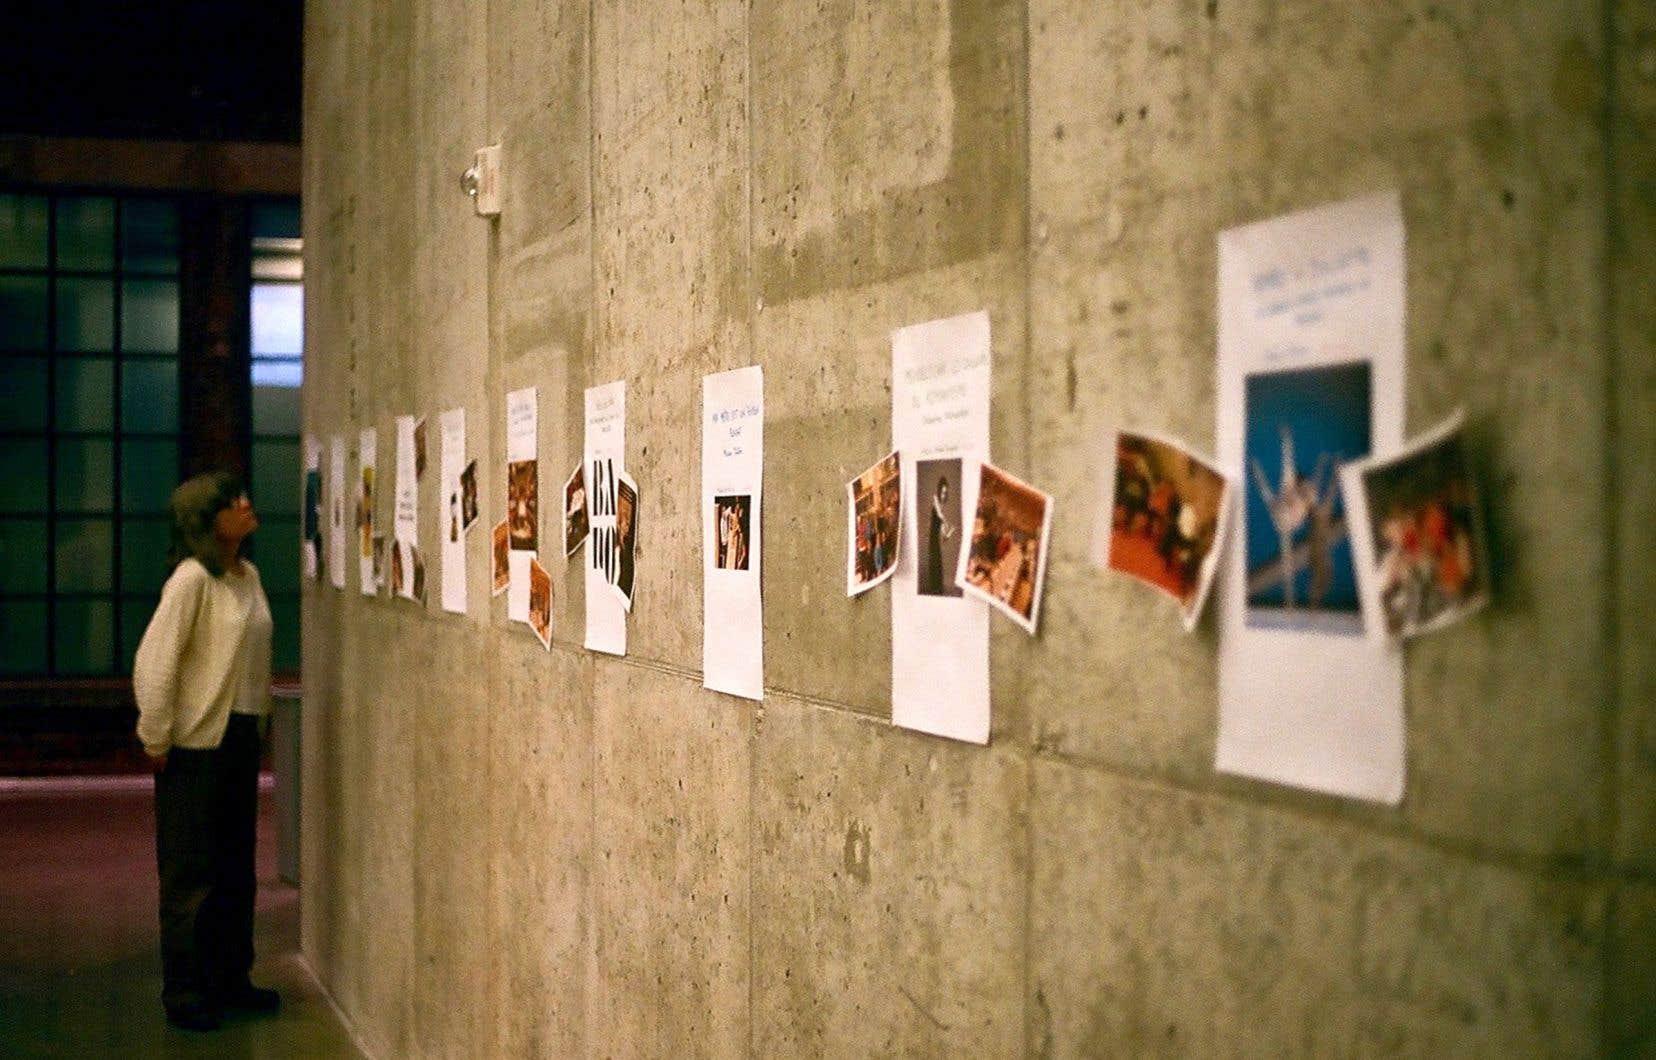 «Une partie du travail a été de réfléchir ensemble sur ce qui fait qu'une institution culturelle est excluante, explique MaïlisBurgaud, d'Exeko. On a fait ça avec dix institutions et neuf organismes communautaires. Ç'a été très riche.»